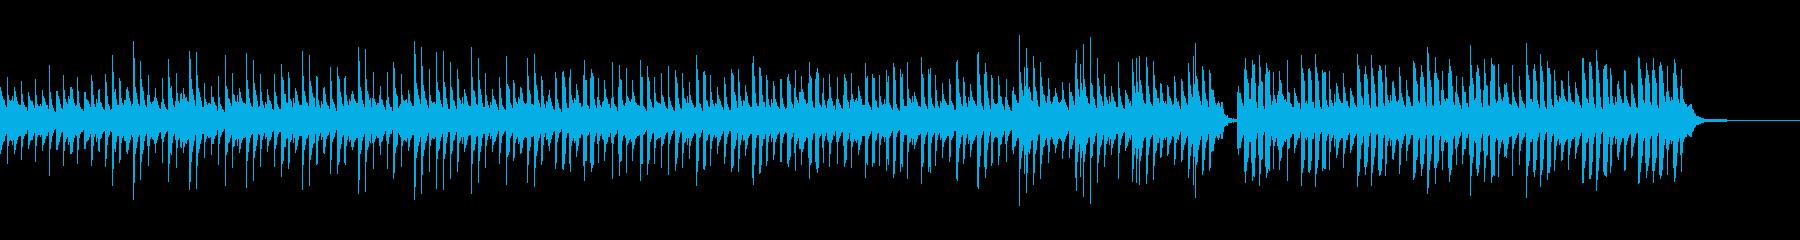 グロッケンとオカリナの可愛いポップスの再生済みの波形